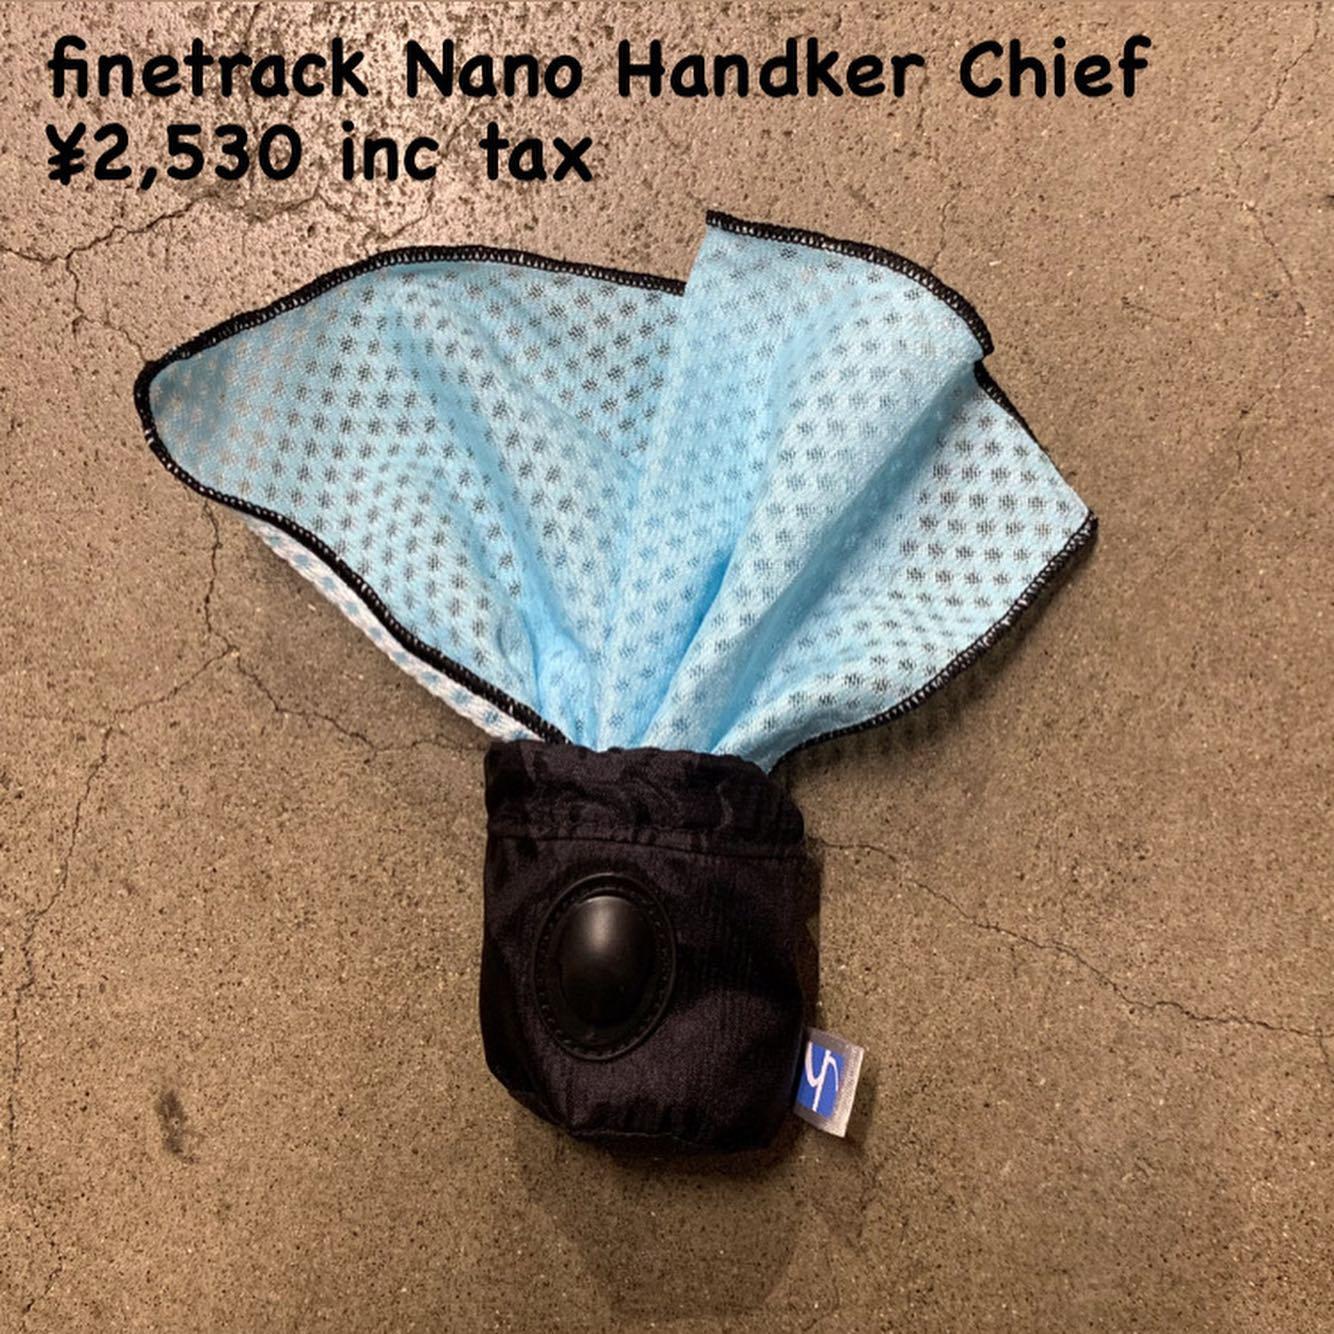 濡らして拭くだけで、汚れや皮脂をすっきり『finetrack ナノハンカチ』のご紹介